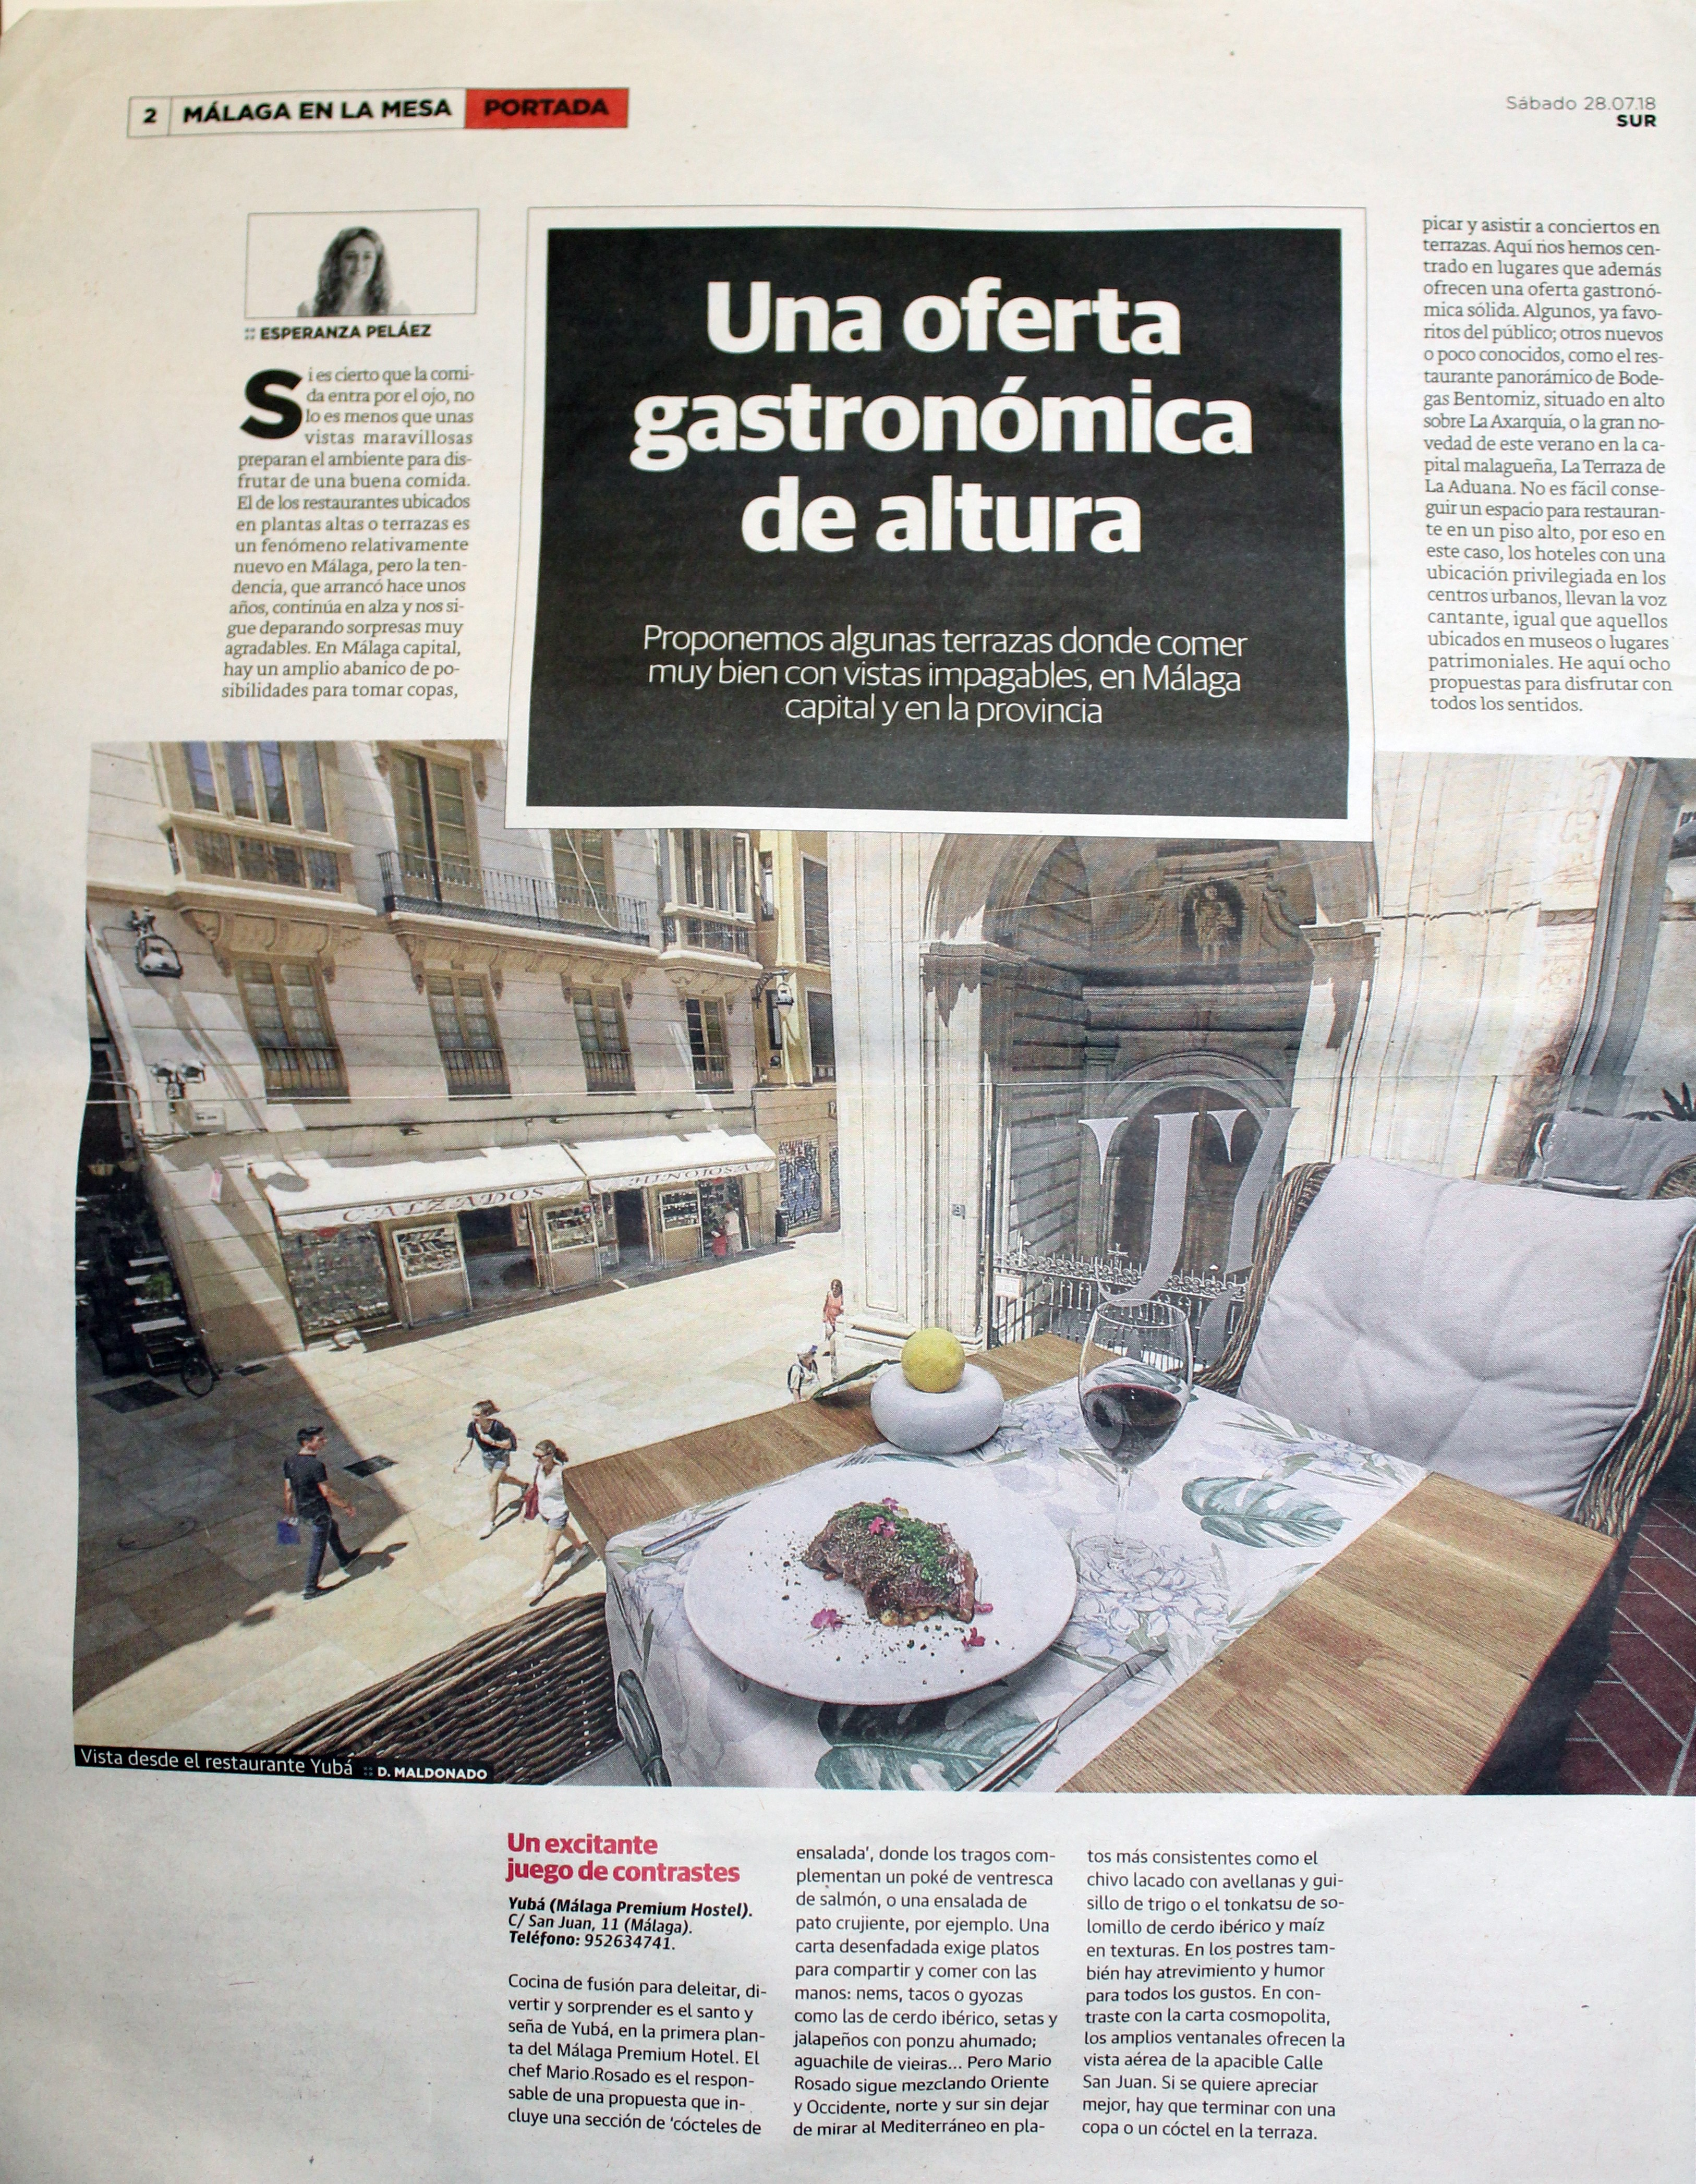 Málaga Premium Hotel aparece en el Diario Sur como el único hotel gastronomico de Málaga